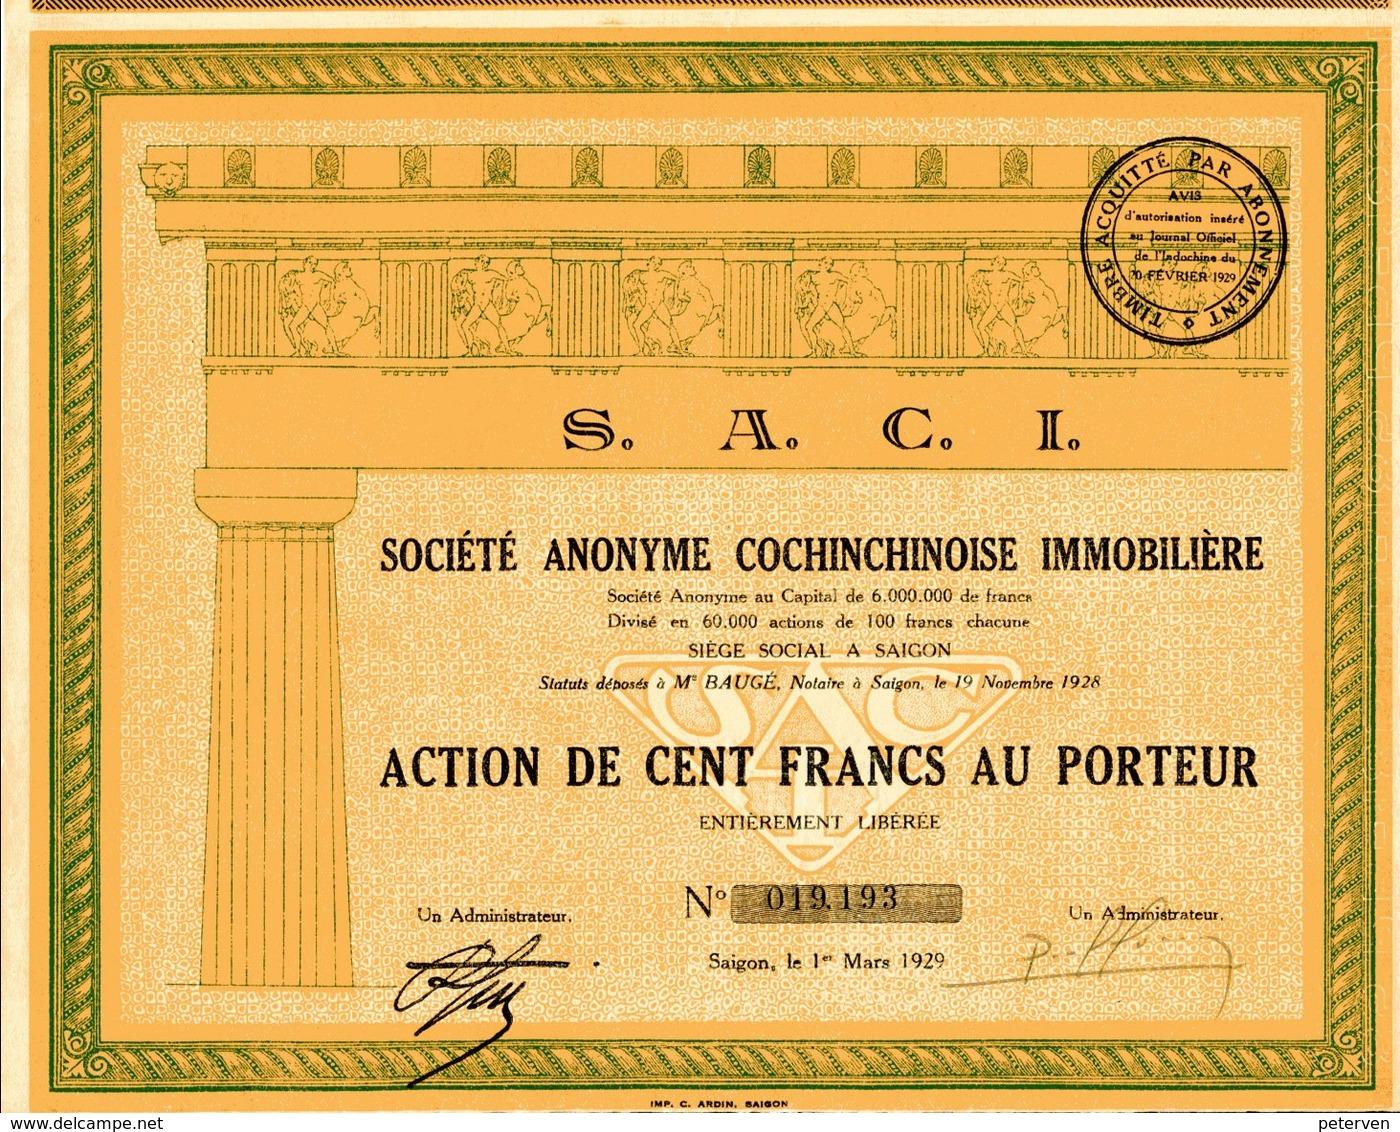 S.A.C.I - Société Anonyme Cochinchinoise Immobilière - Asie